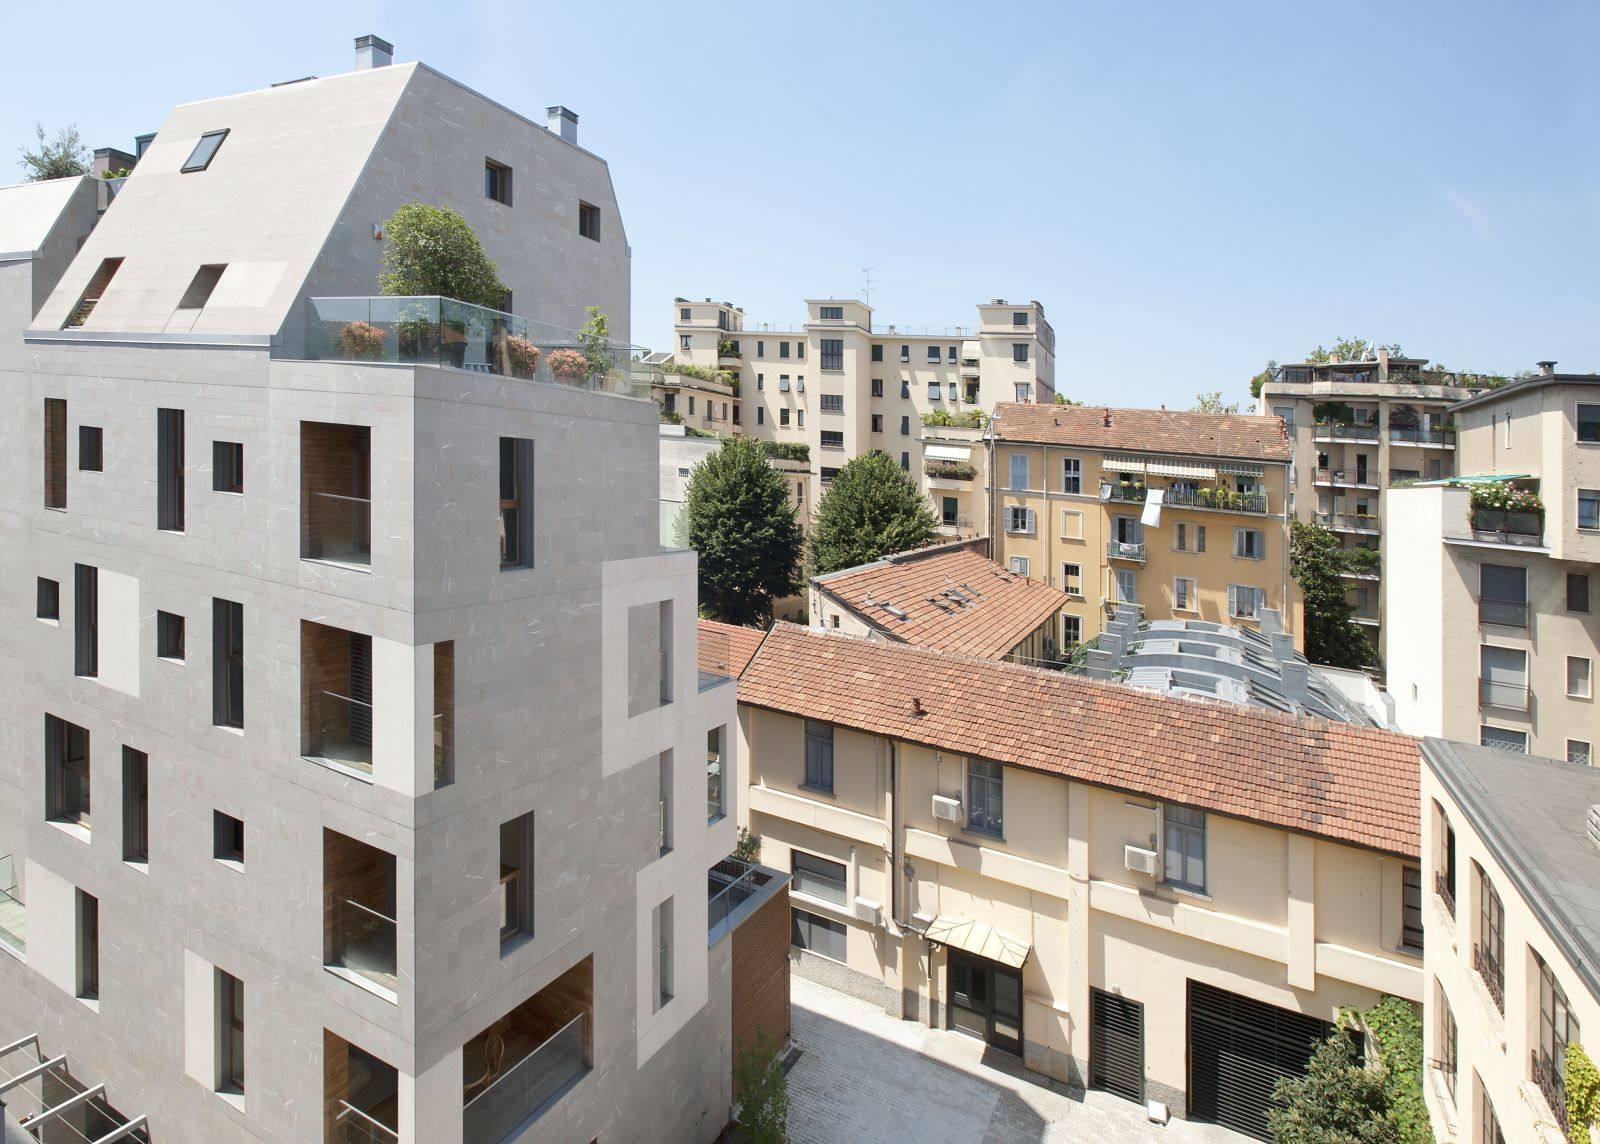 K19, case al posto di un'autorimessa degli anni '50. Demolizione e ricostruzione di LPzR